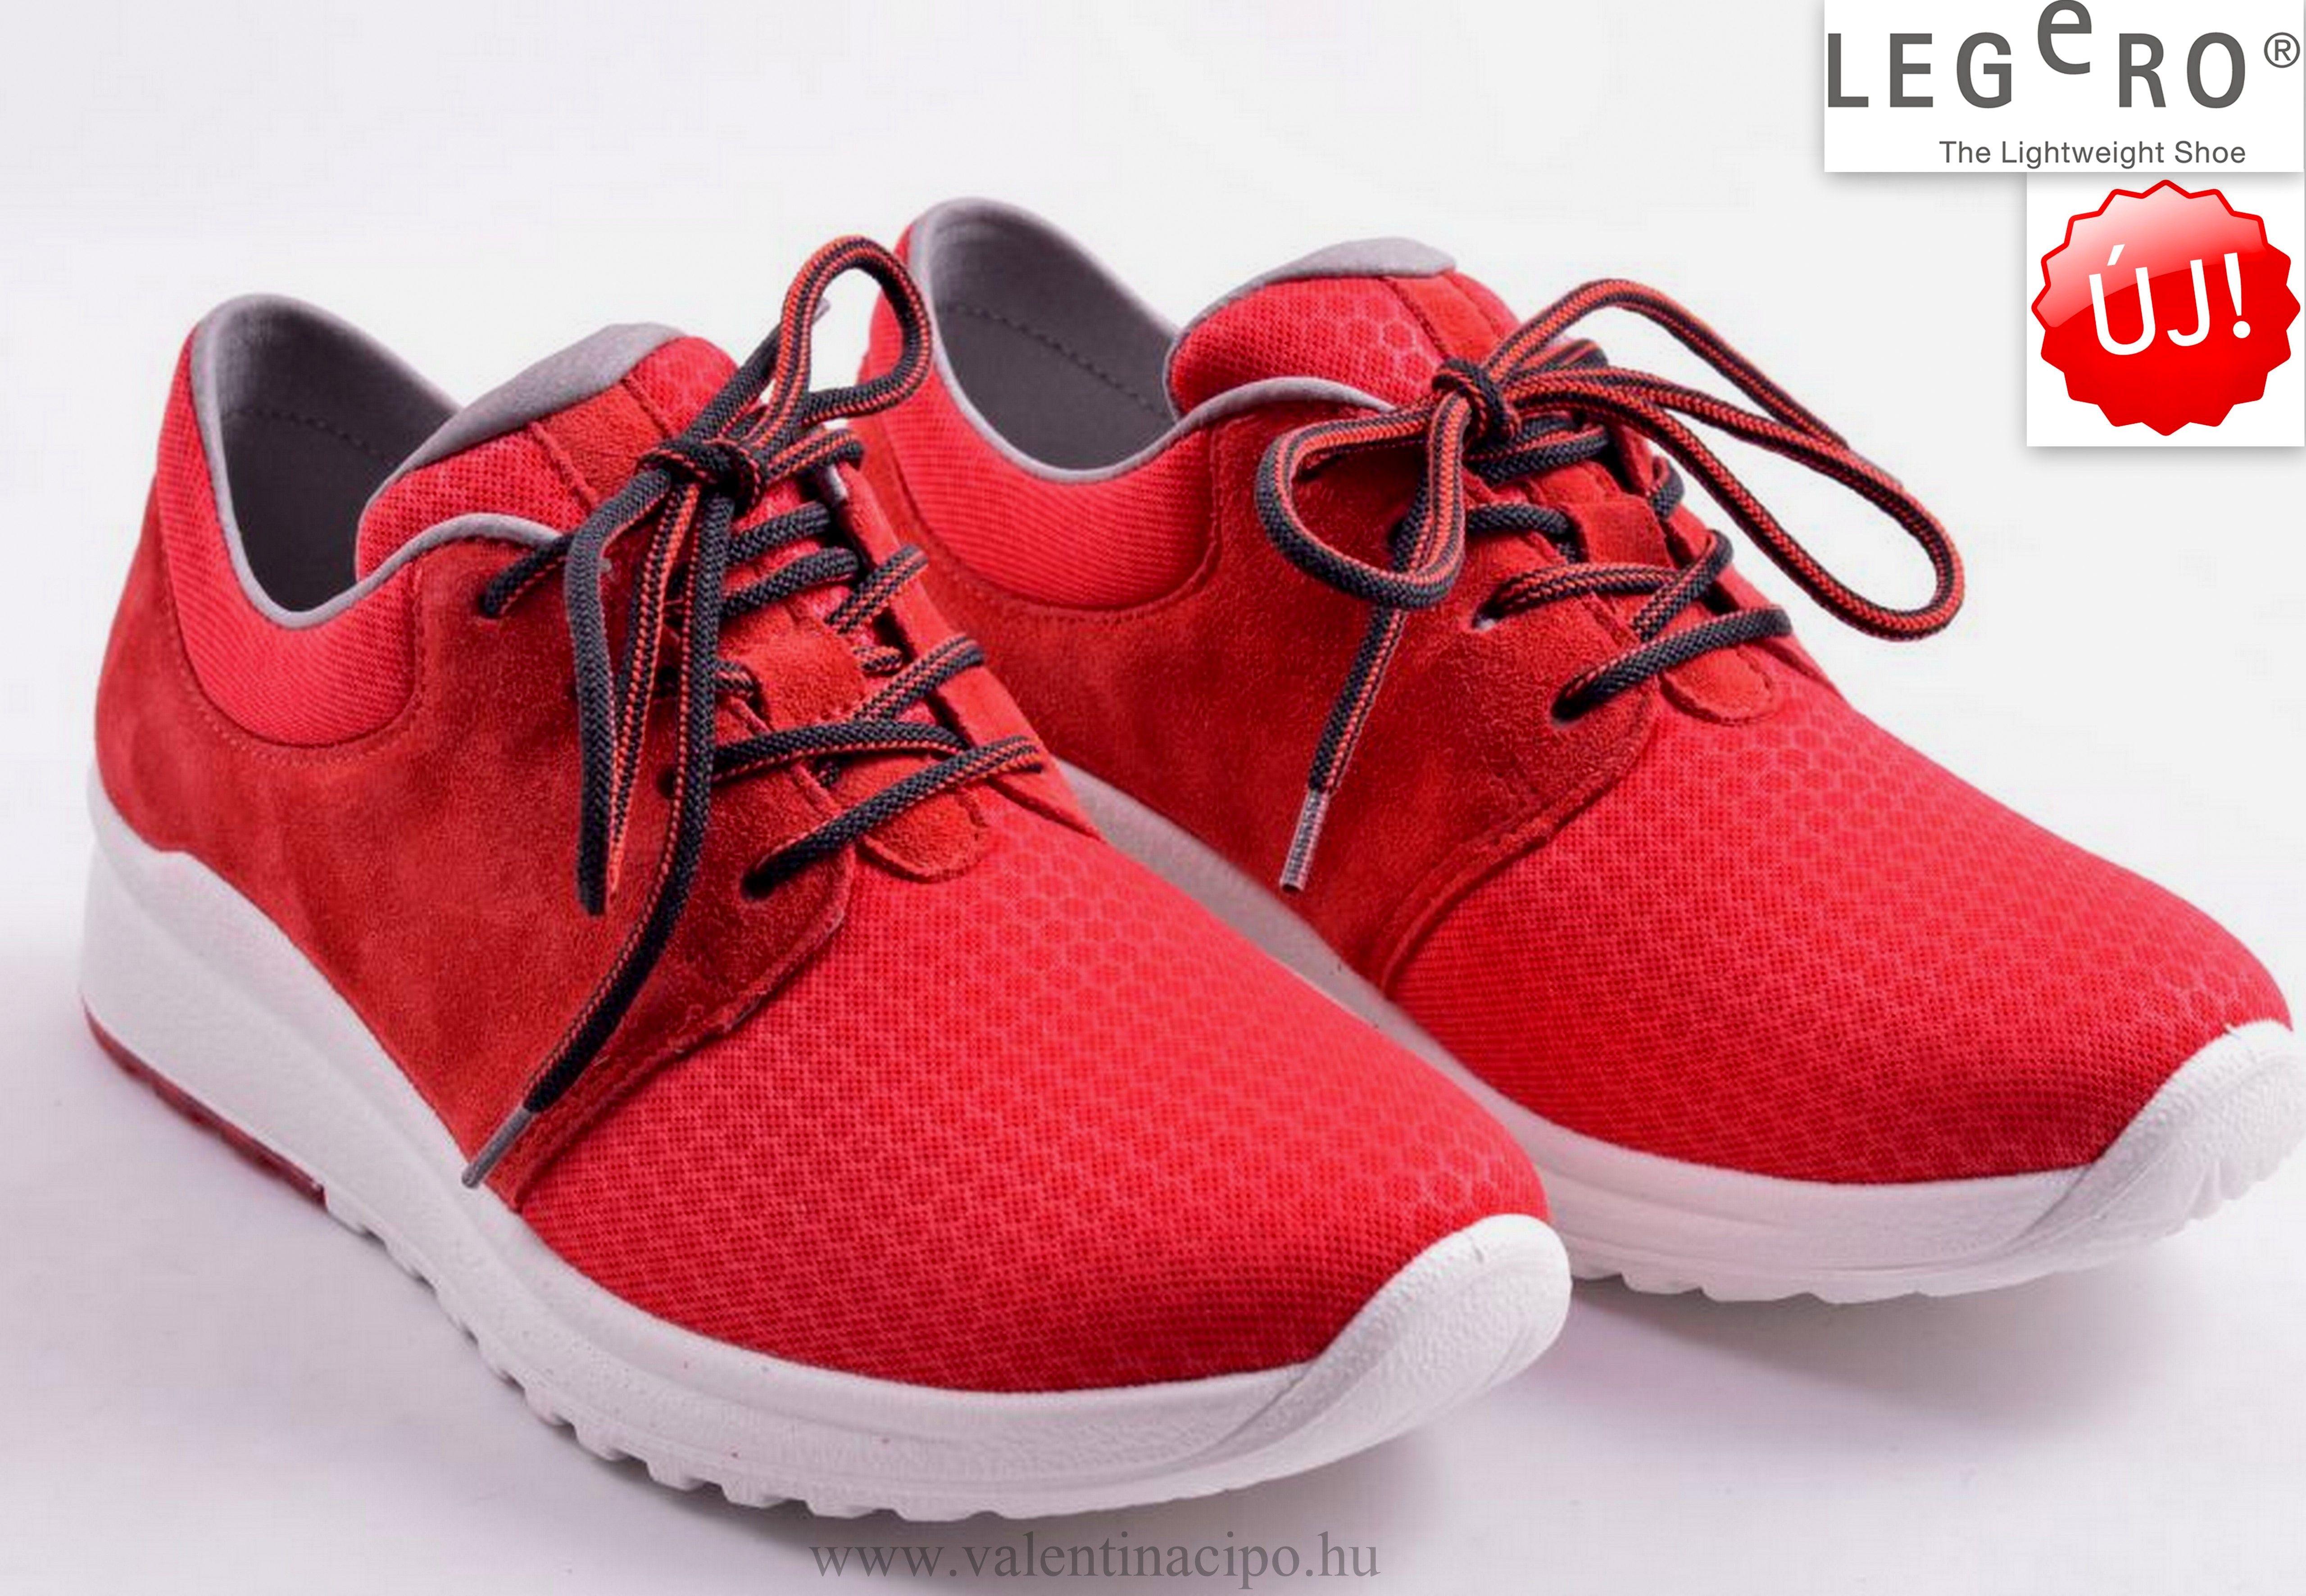 5c76997249 Legero női piros cipő megérkezett a Valentina Cipőboltokba és  webáruházunkba! Könnyű, kényelmes és divatos :) #legero #legero_cipő  #legero_cipőbolt # ...